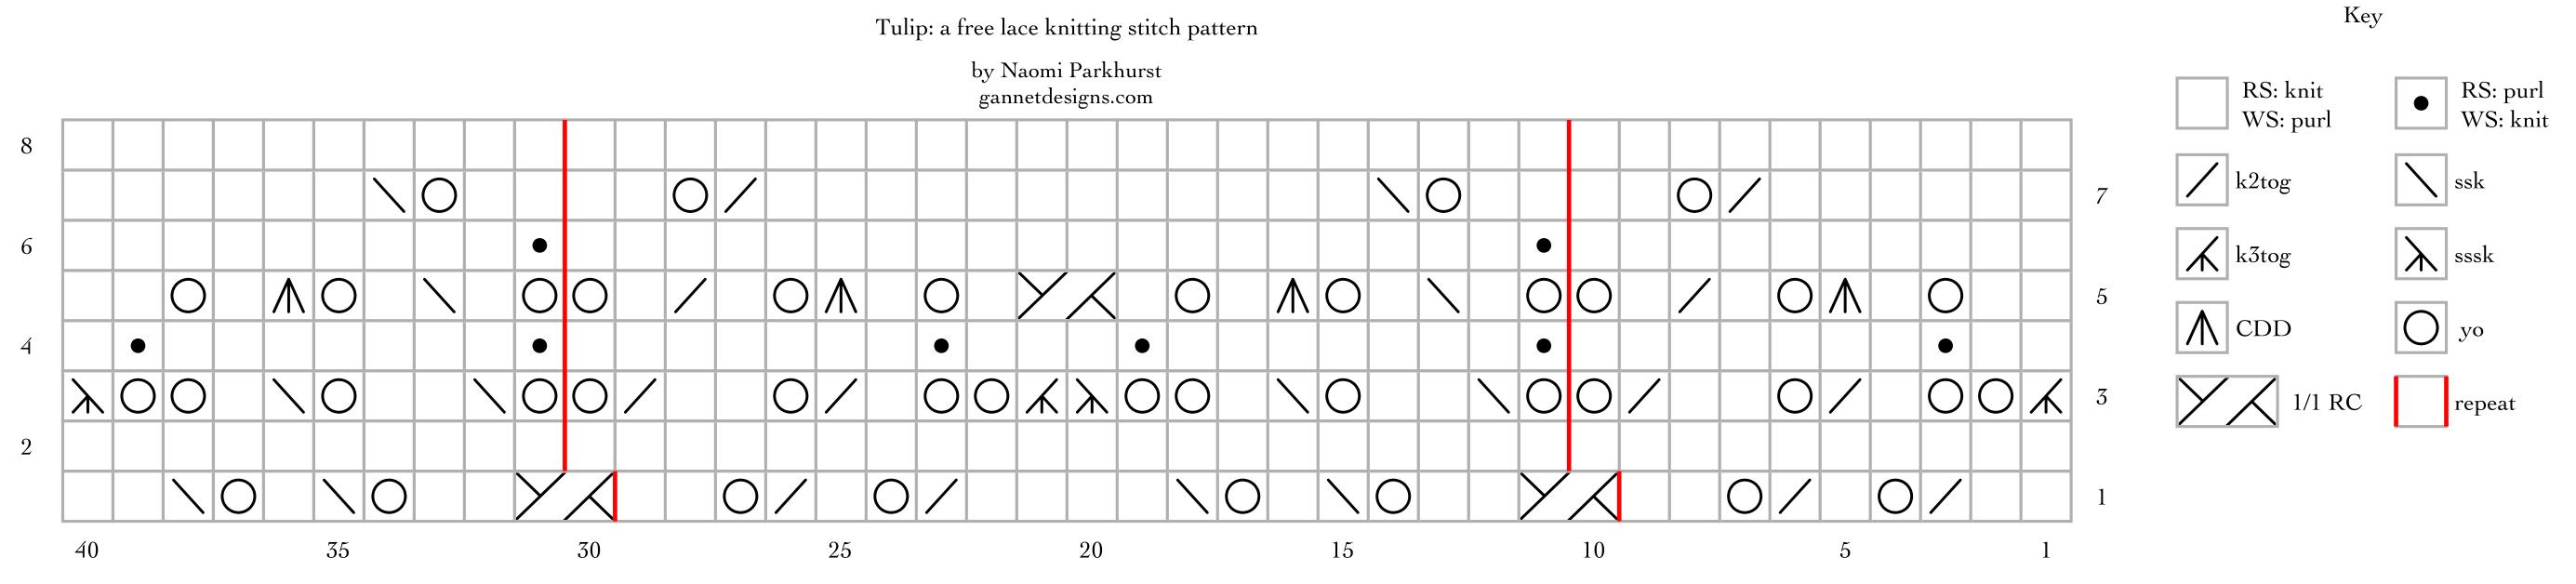 Tulip: a free lace knitting stitch pattern chart, by Naomi Parkhurst